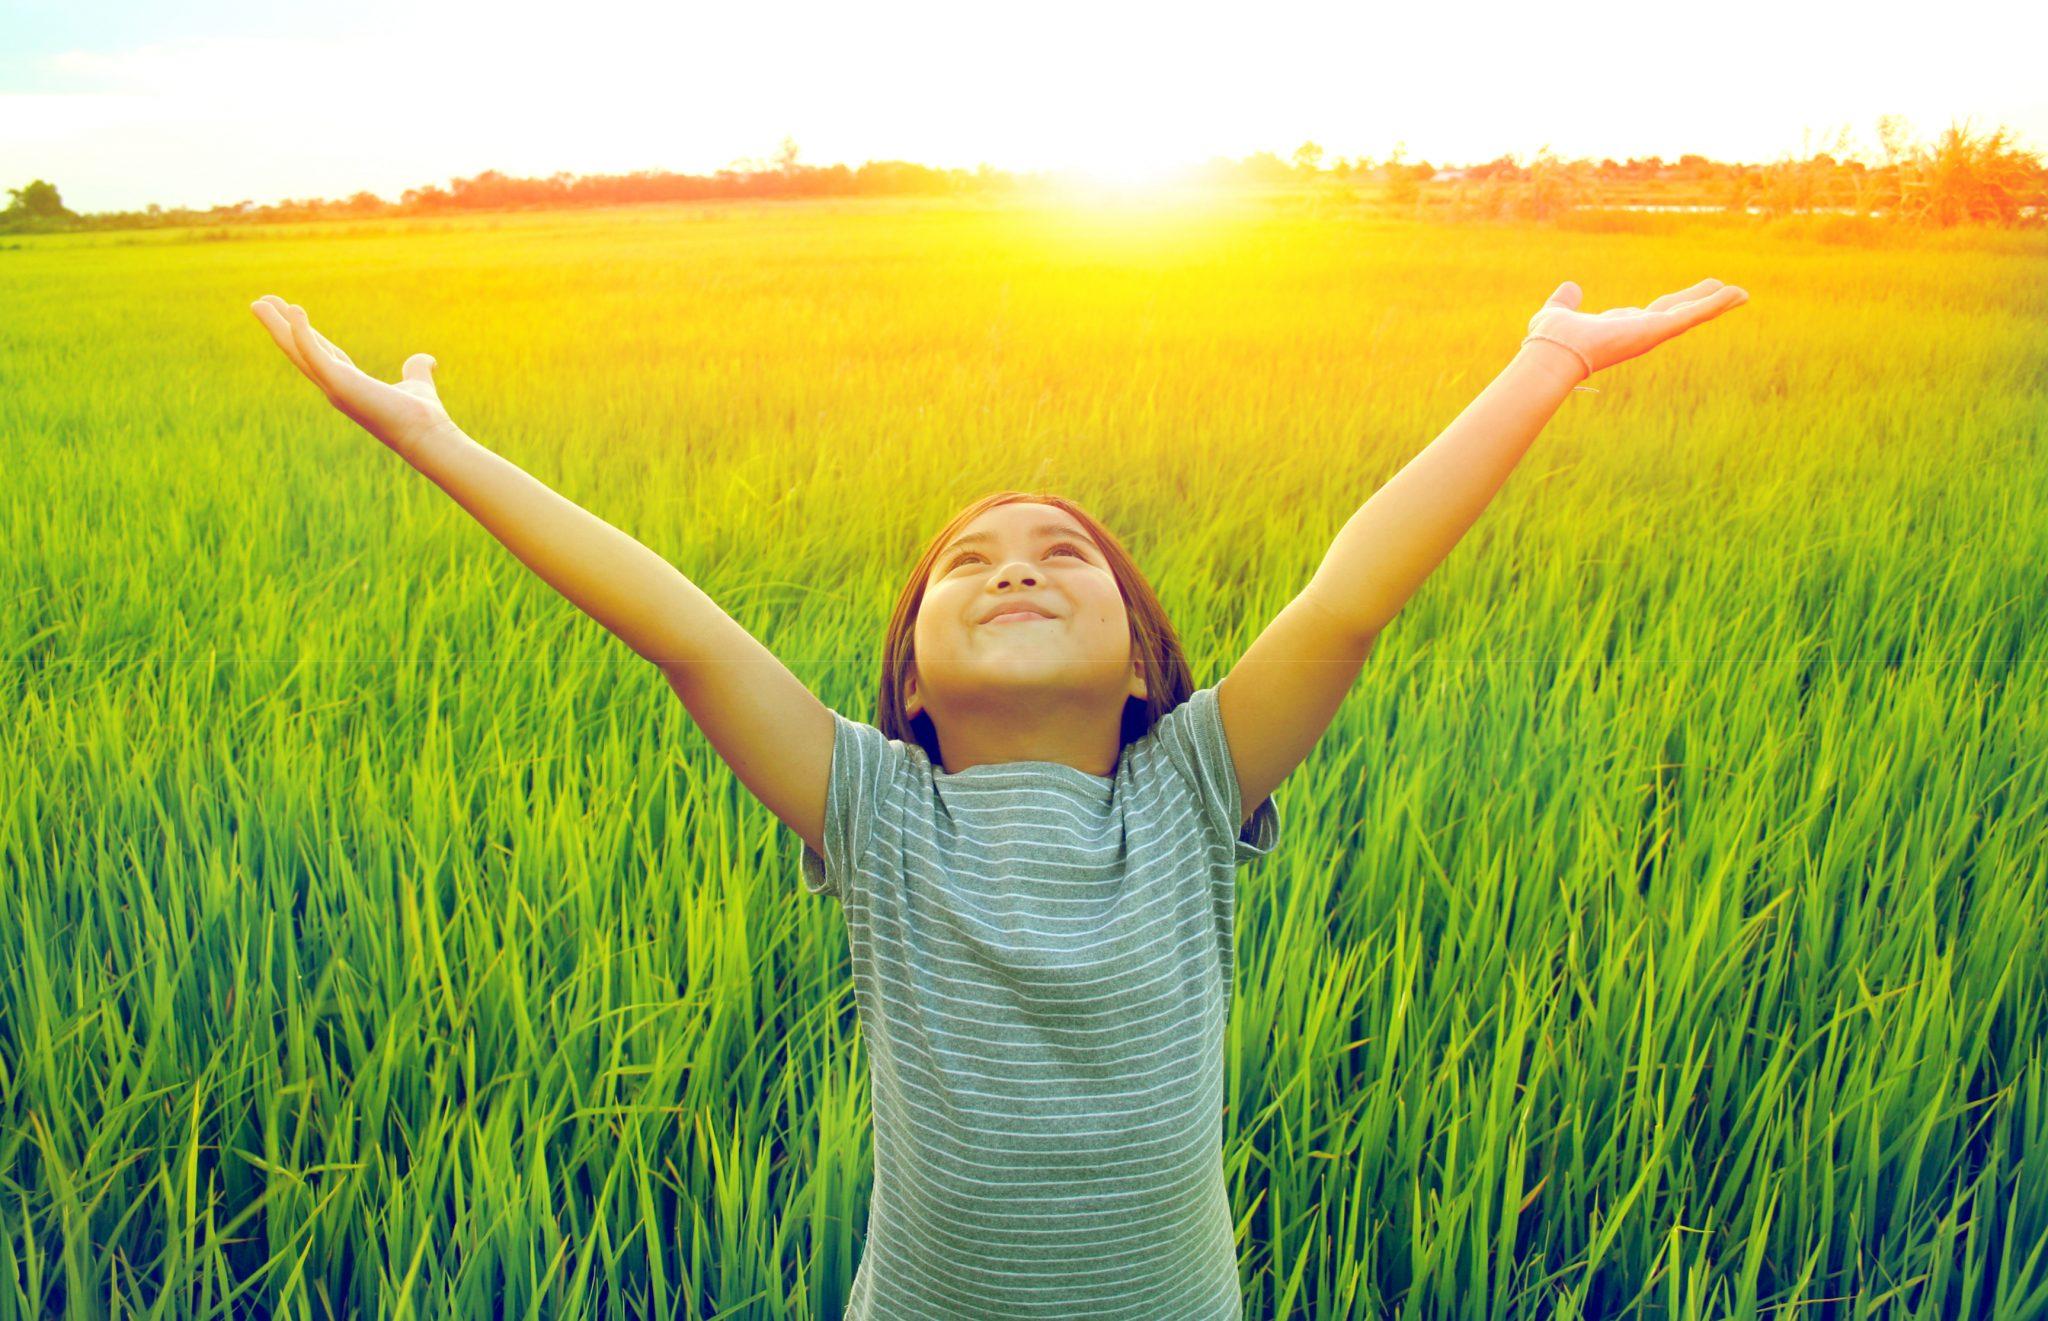 田んぼの前で両手を挙げている子ども